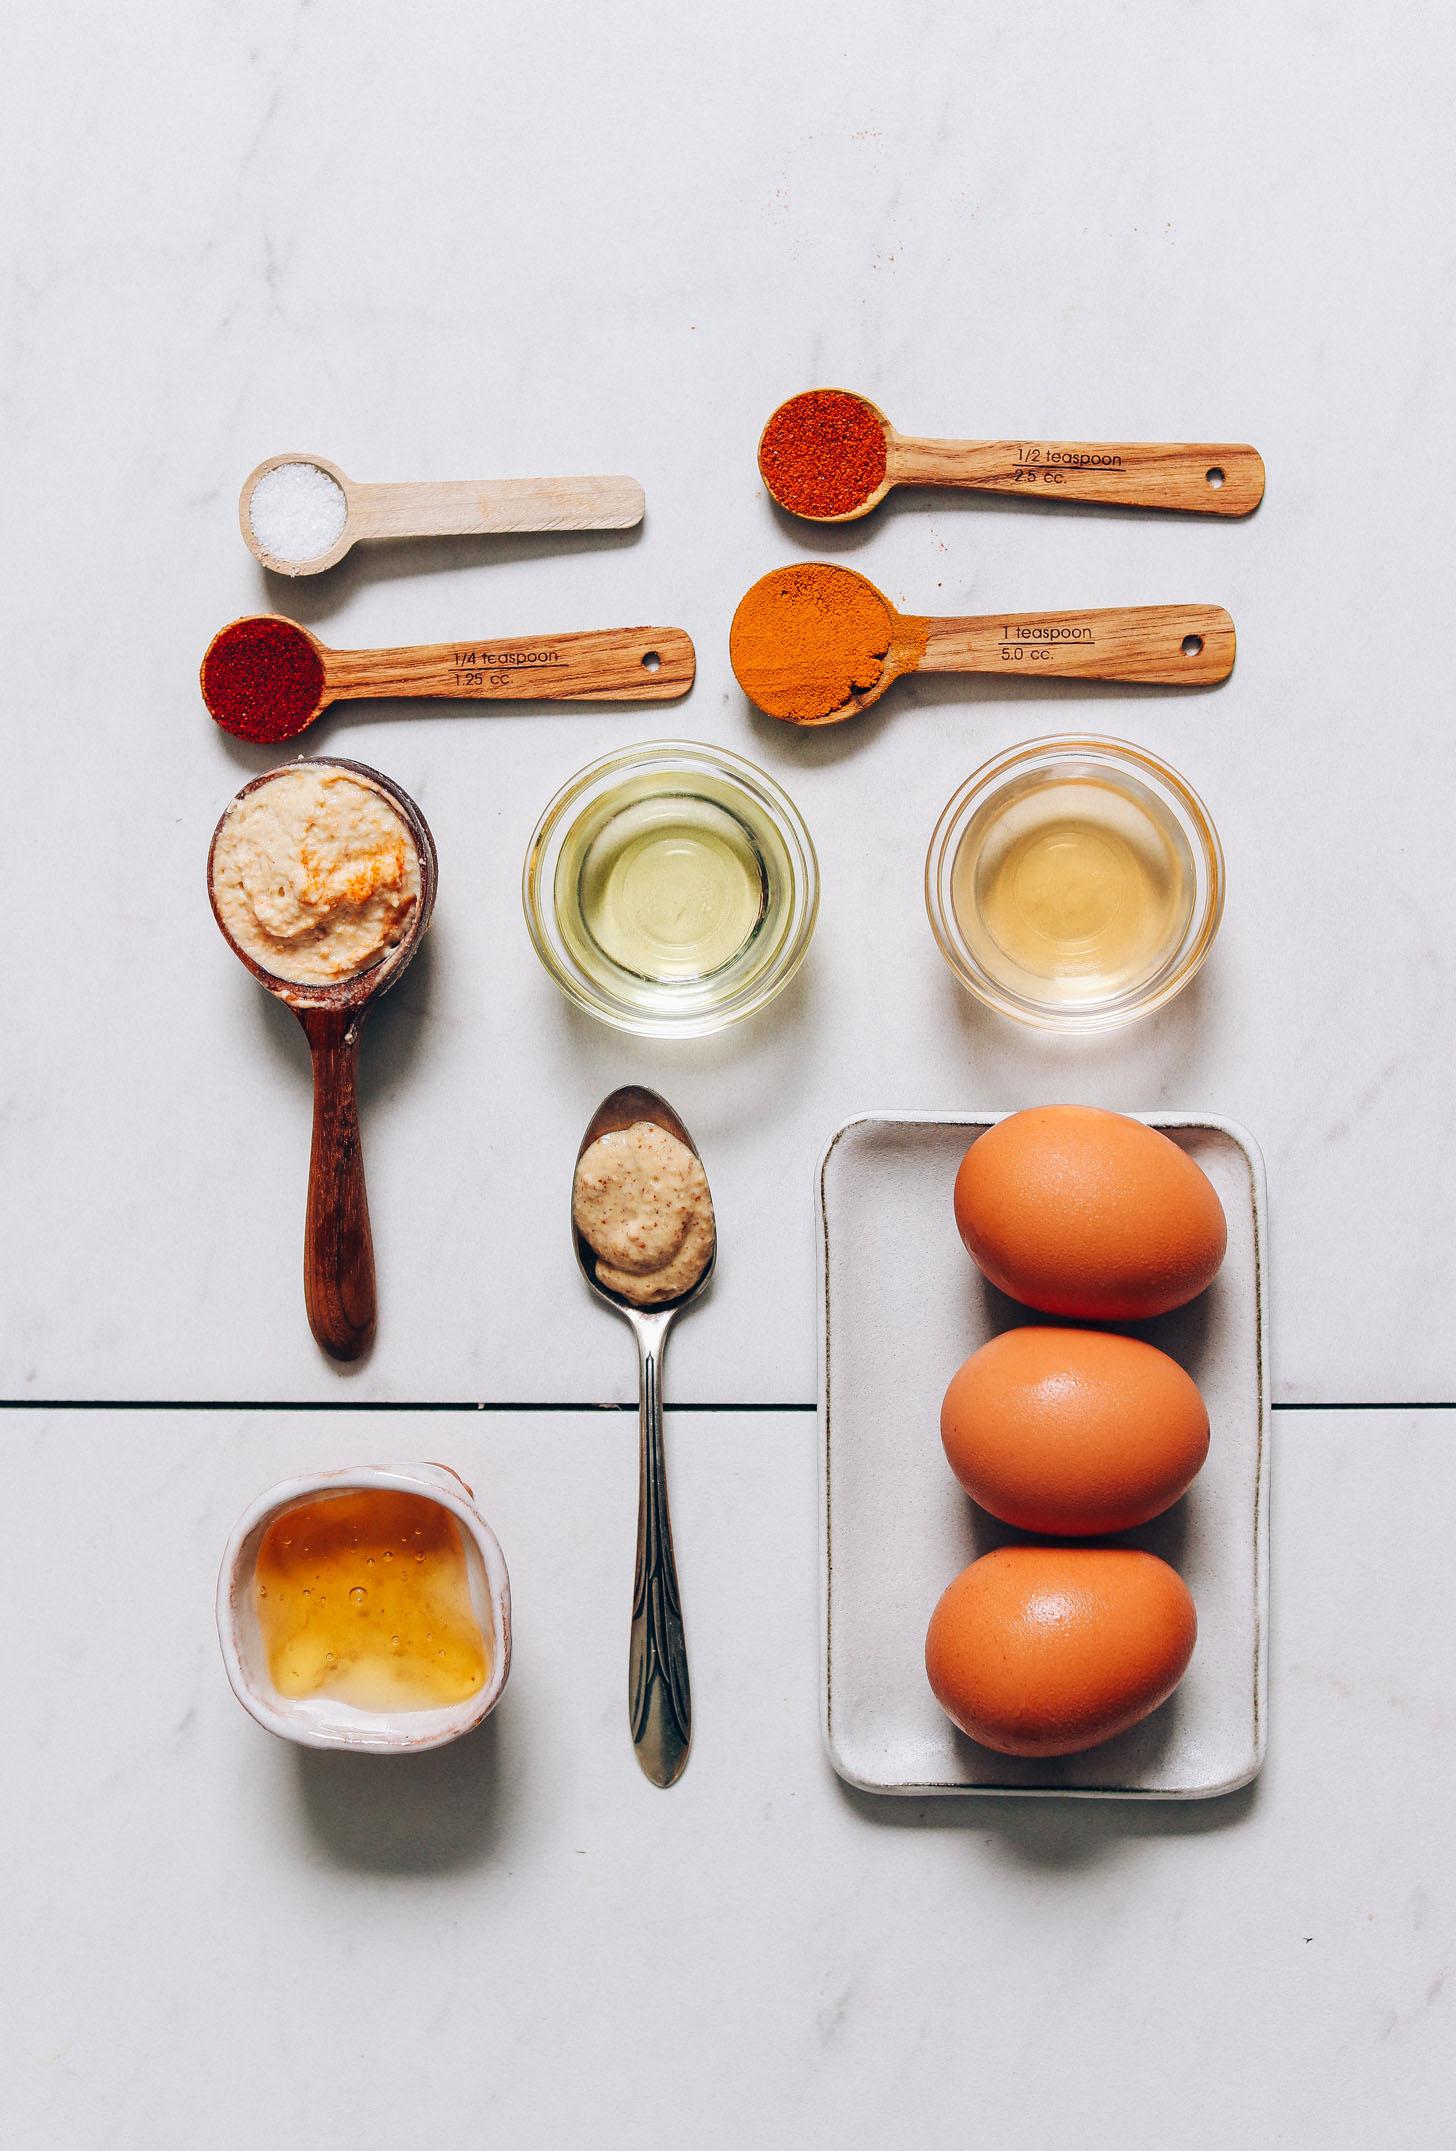 Huevos duros, hummus, miel cruda y otros ingredientes para hacer nuestra receta de Huevos Rellenos sin Mayo